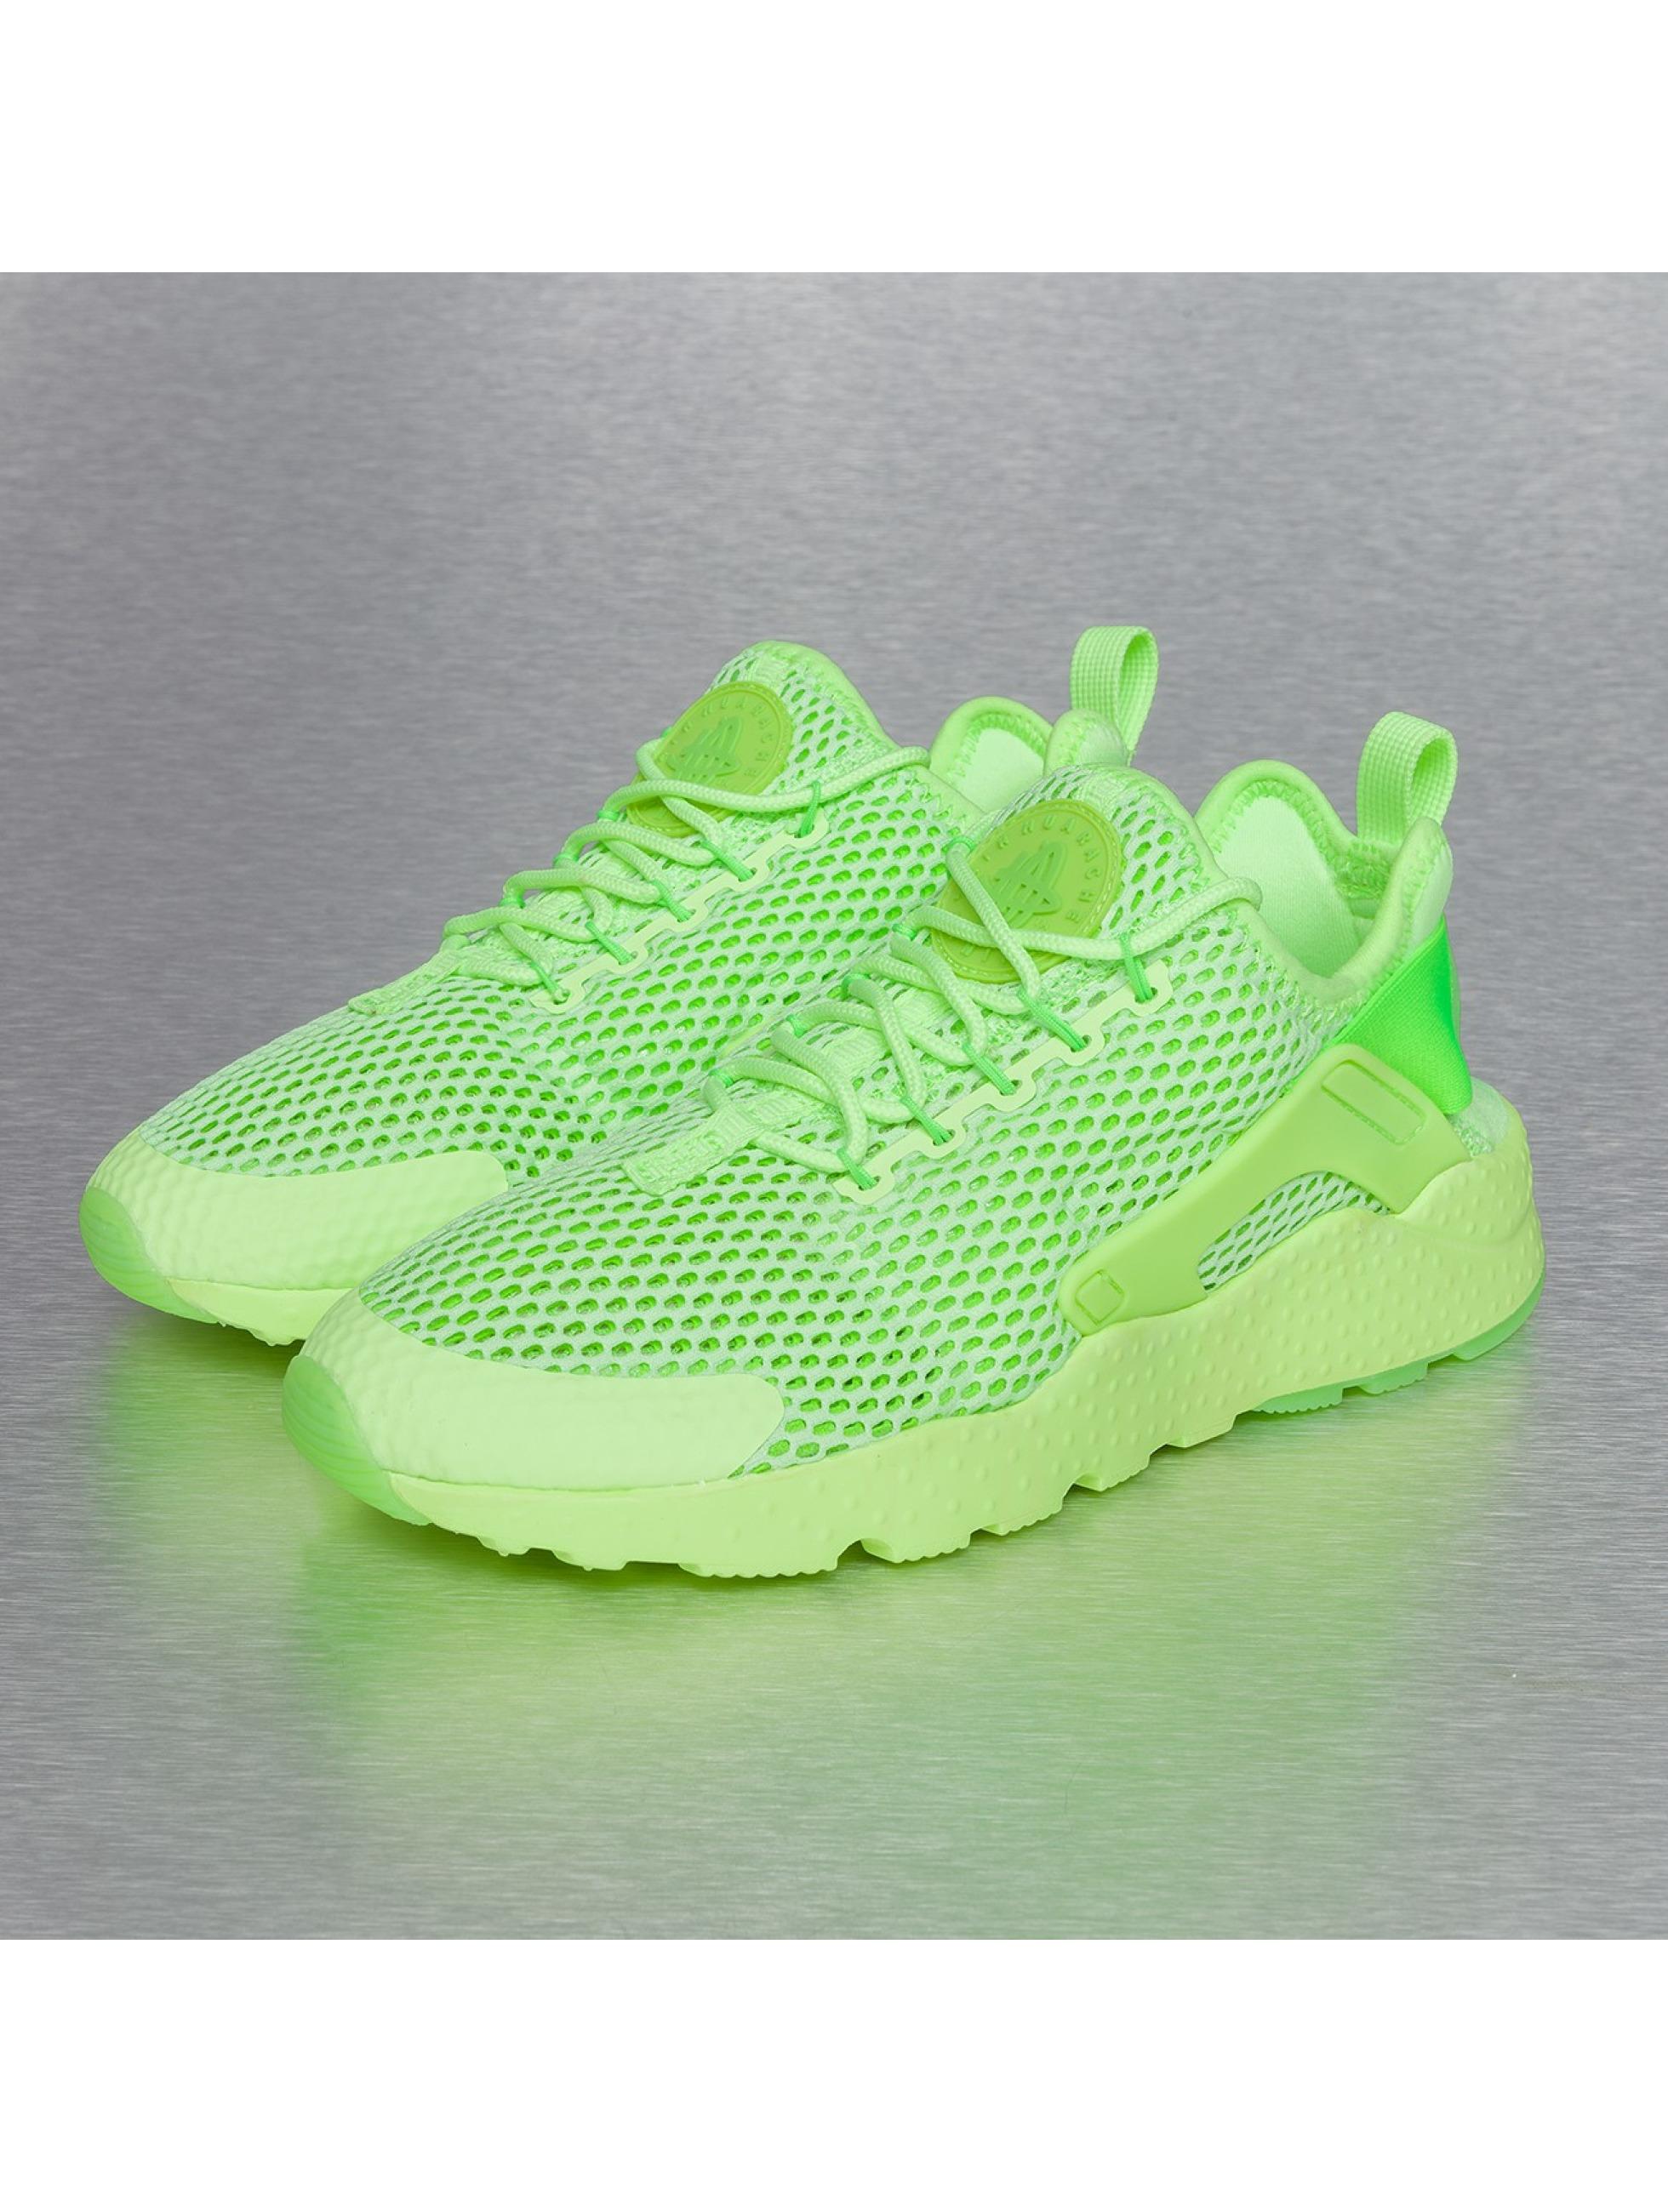 Nike Chaussures   Baskets Air Huarache Run Ultra BR en vert ... 9614f72e661d